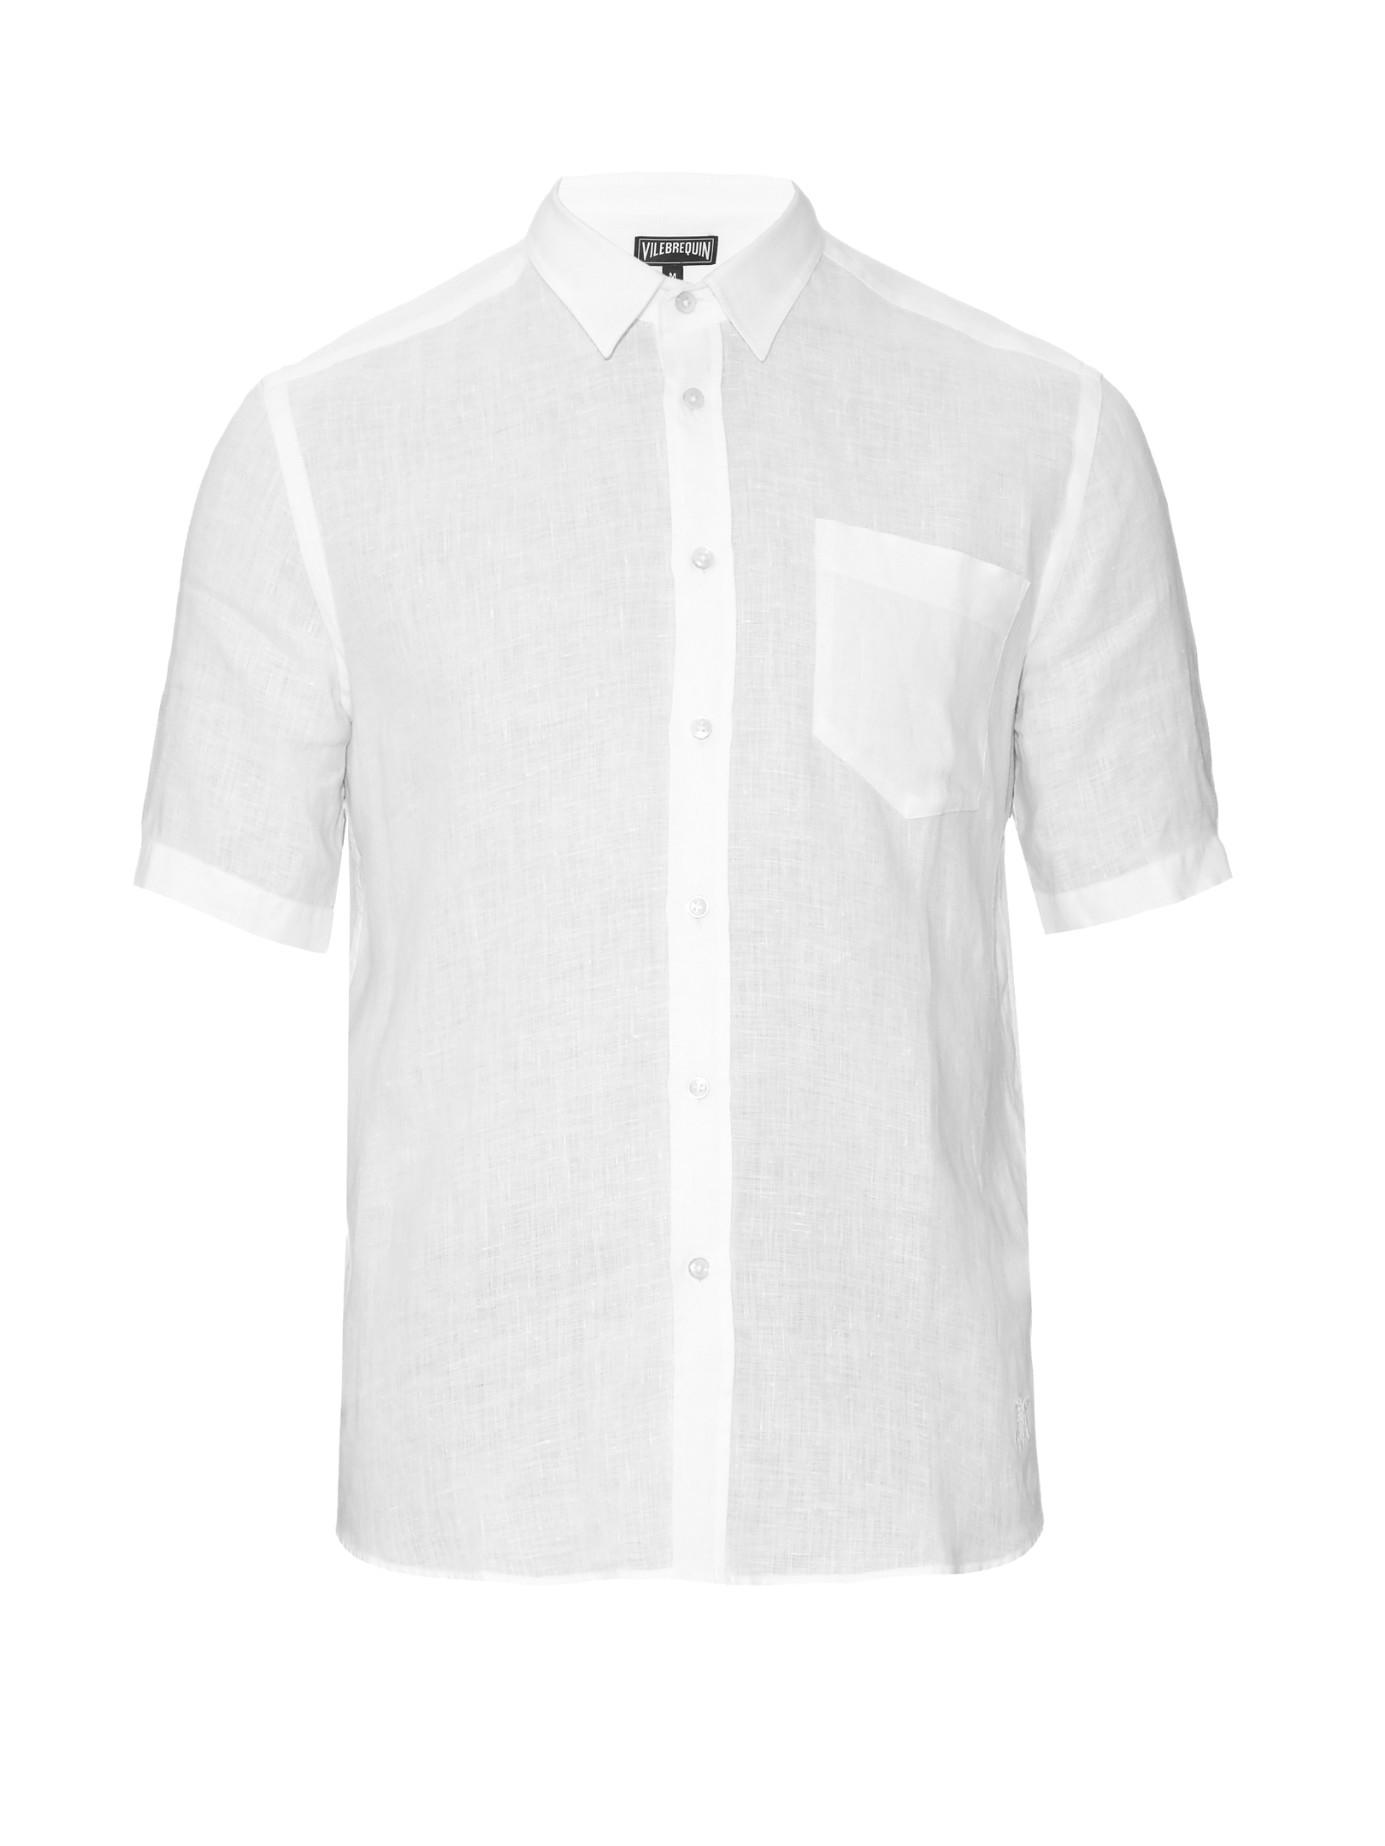 Vilebrequin short sleeved linen shirt in white for men lyst for Short sleeve linen shirt